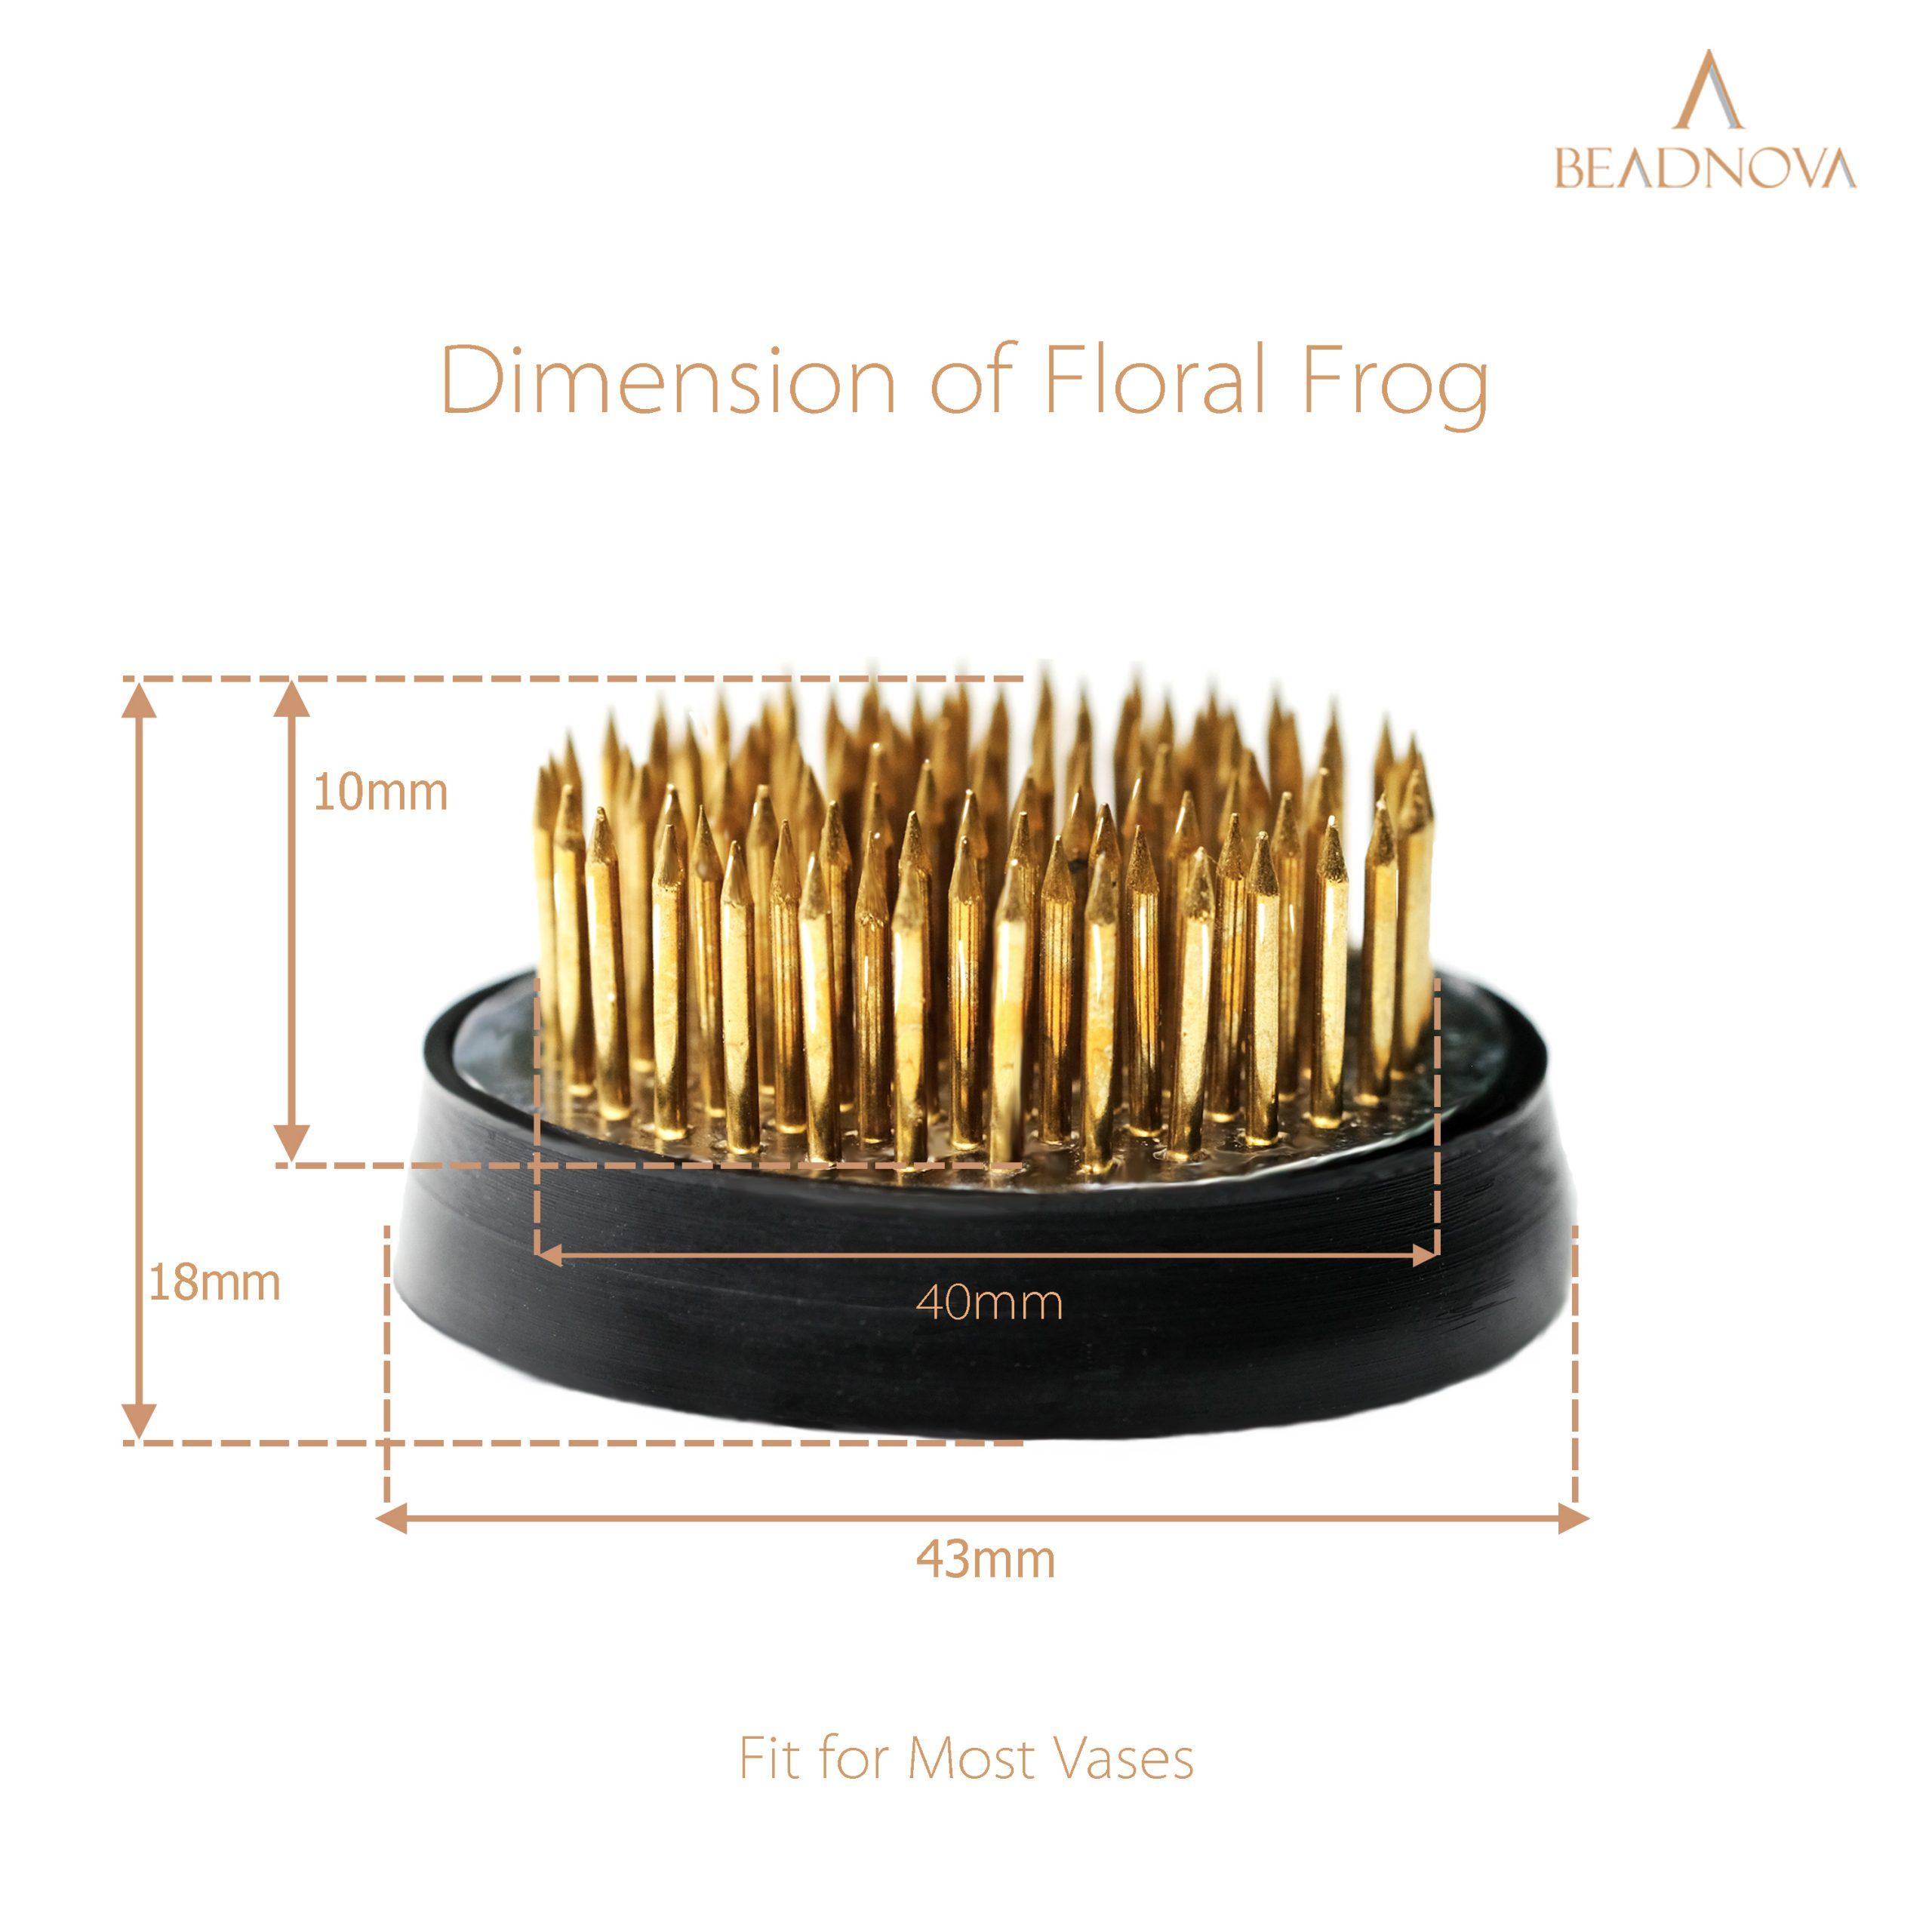 Flower-Frog-Floral-Frog-Kenzan-40mm-1pcs